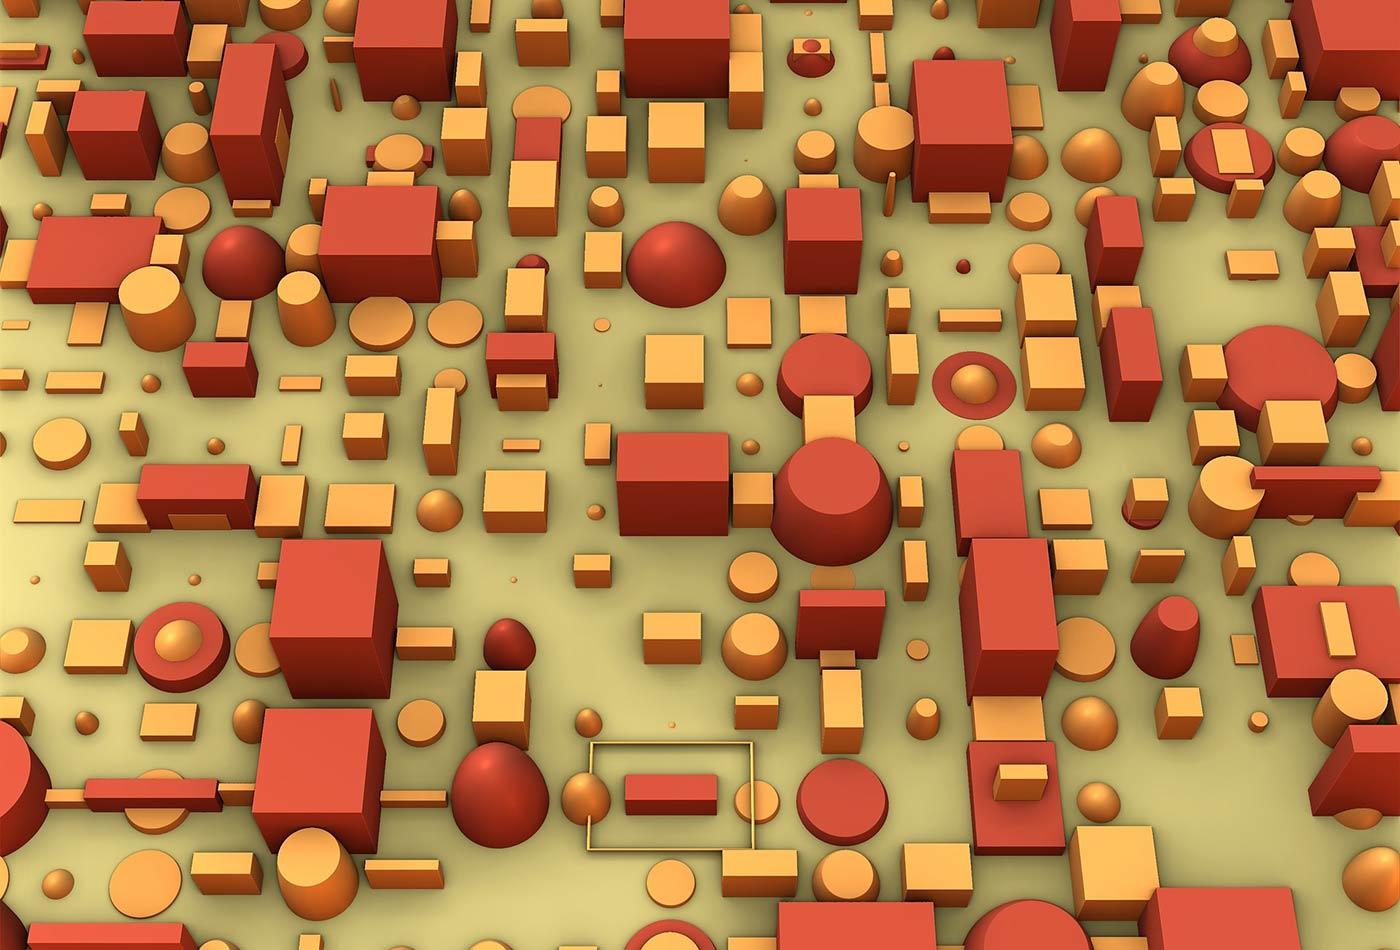 Cubes, bricks, squares